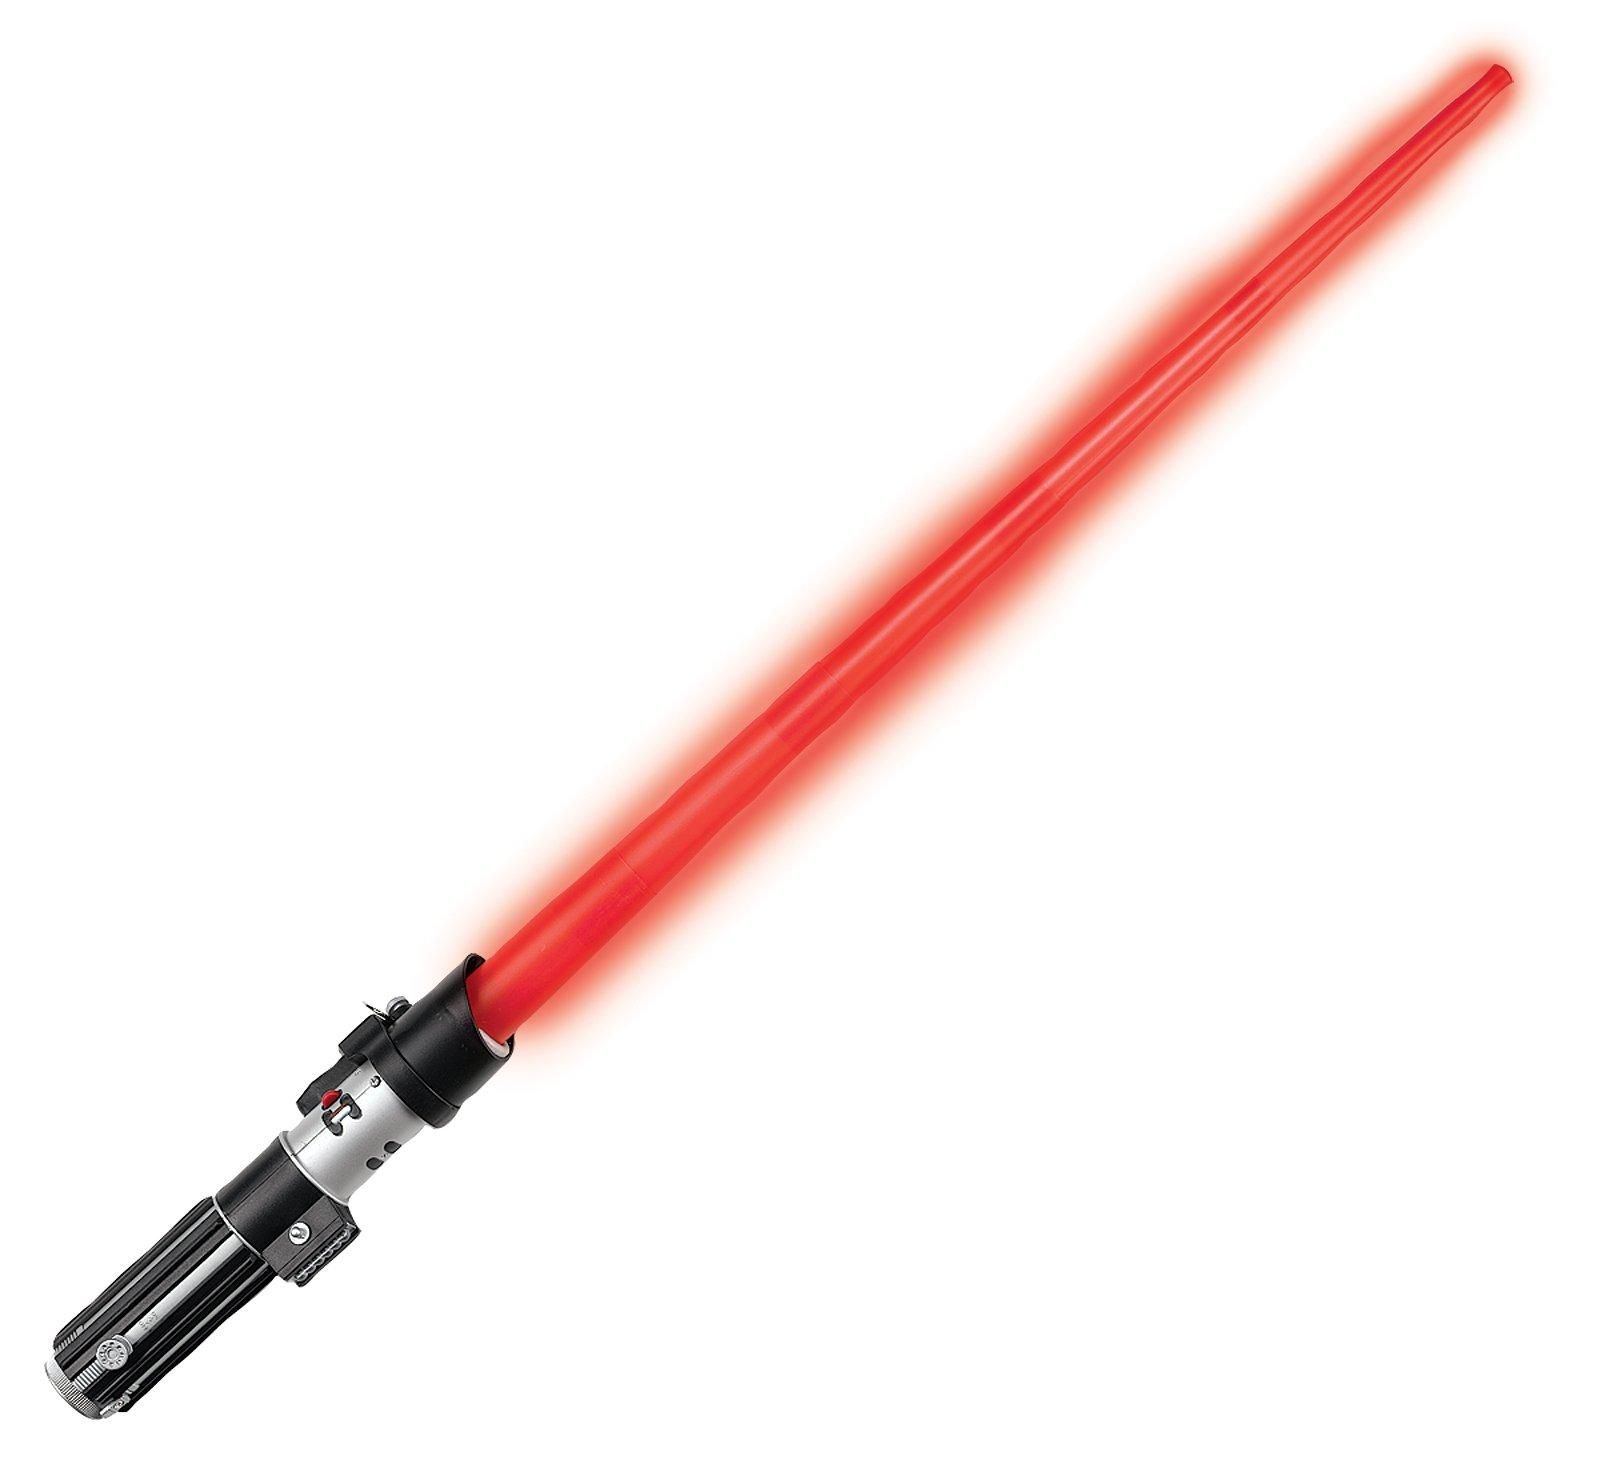 Star Wars Darth Vader Red Light Saber Red Lightsaber Lightsaber Tattoo Darth Vader Lightsaber